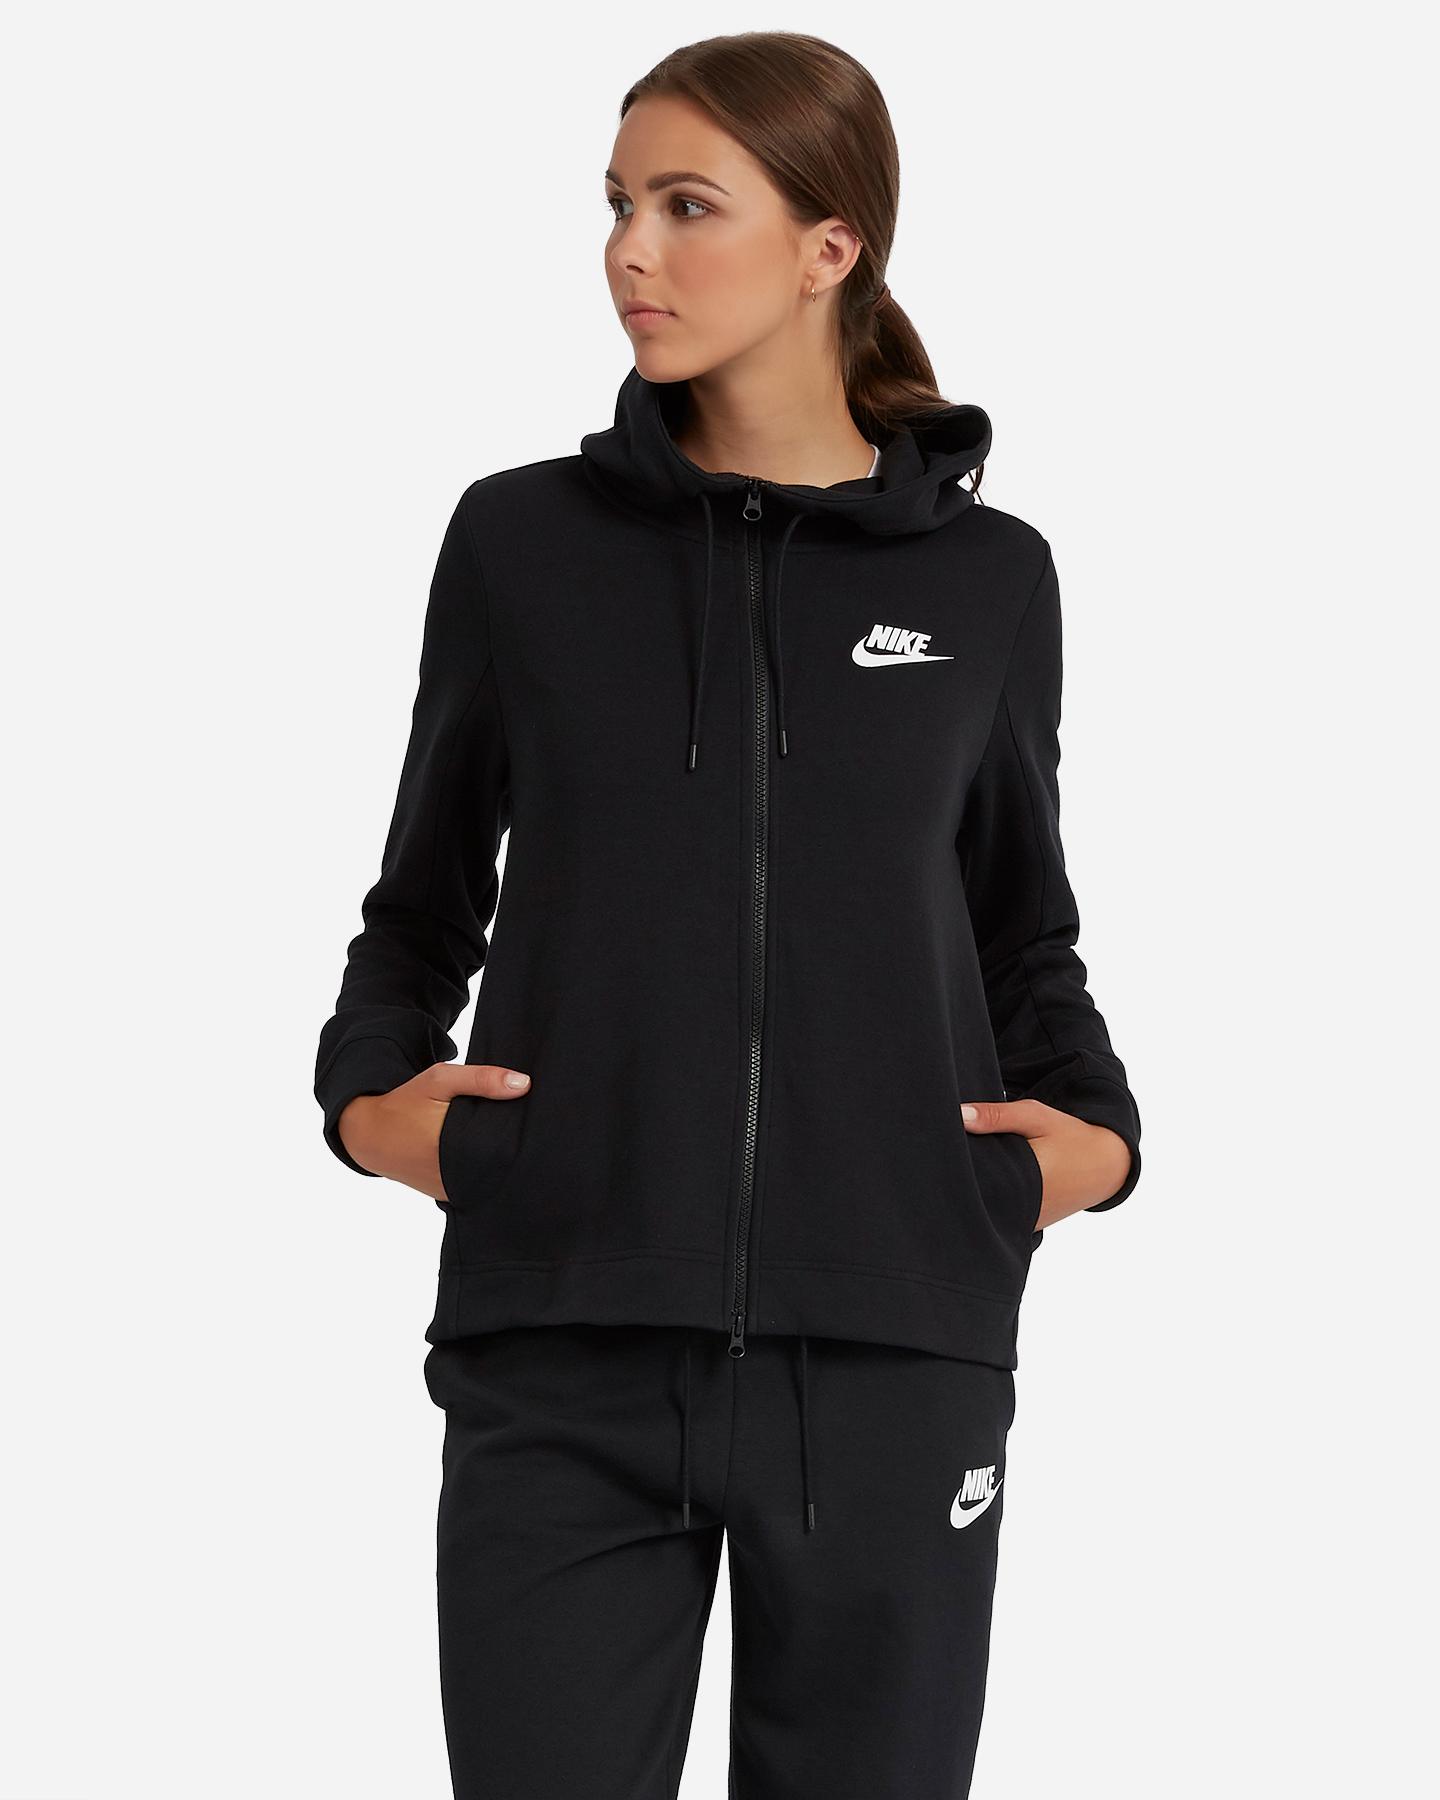 Optic W Felpa Nike Sportswear Fleece OPXZkiu